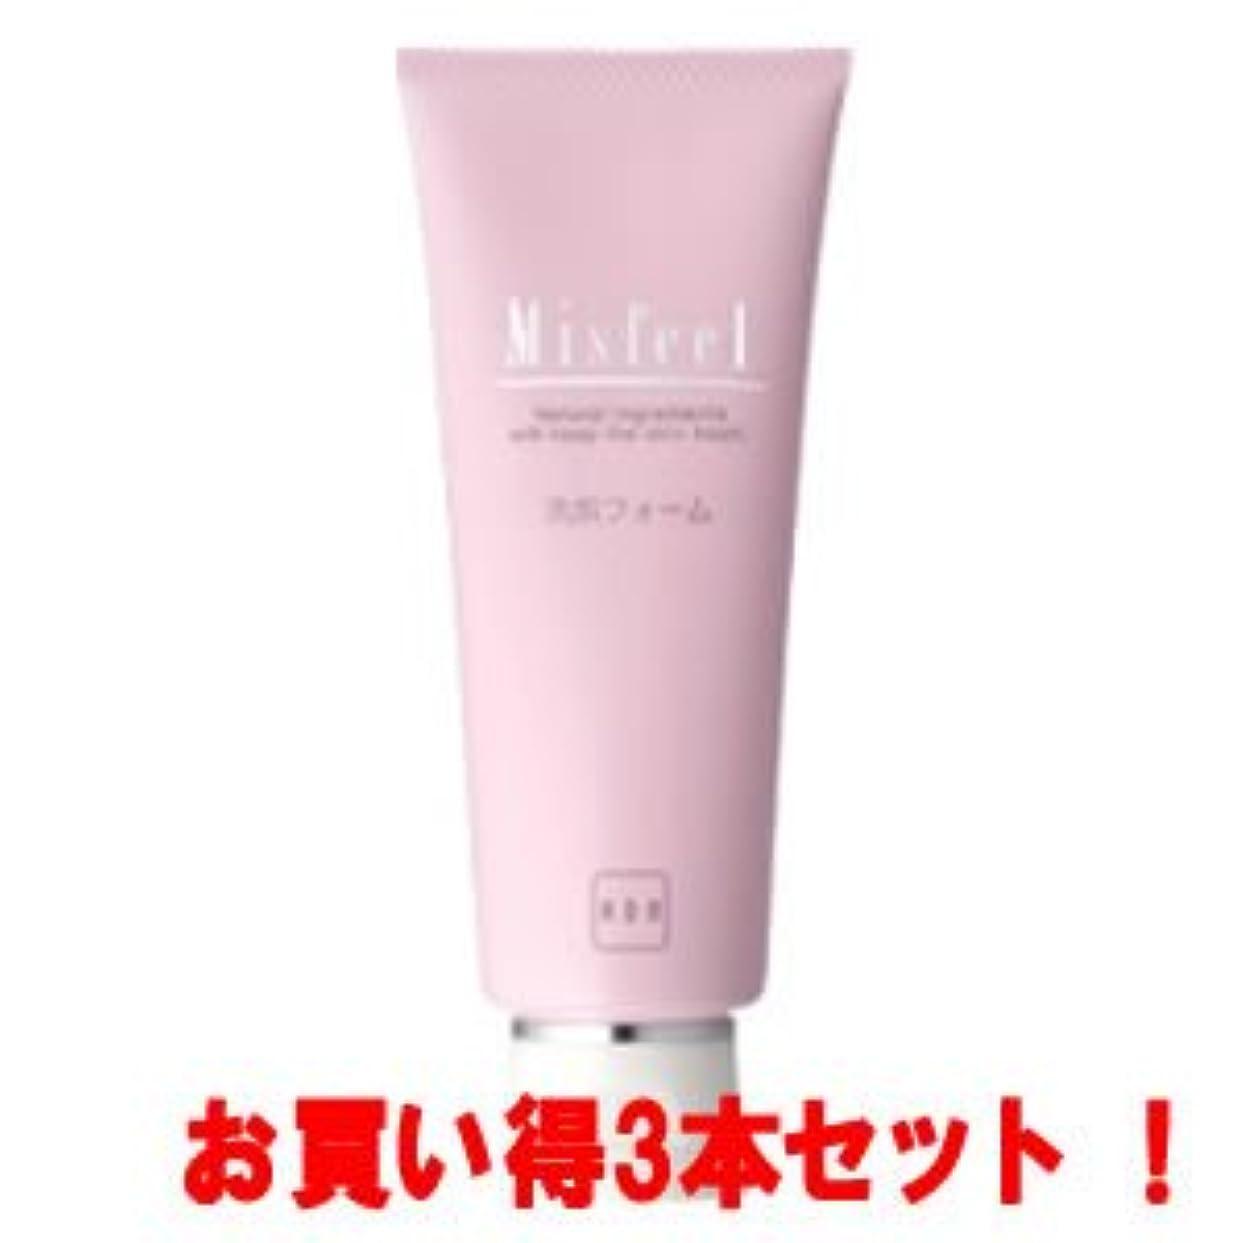 待って召集する好き(アサバ化粧品)ミズフィール 洗顔フォーム100g(お買い得3本セット)